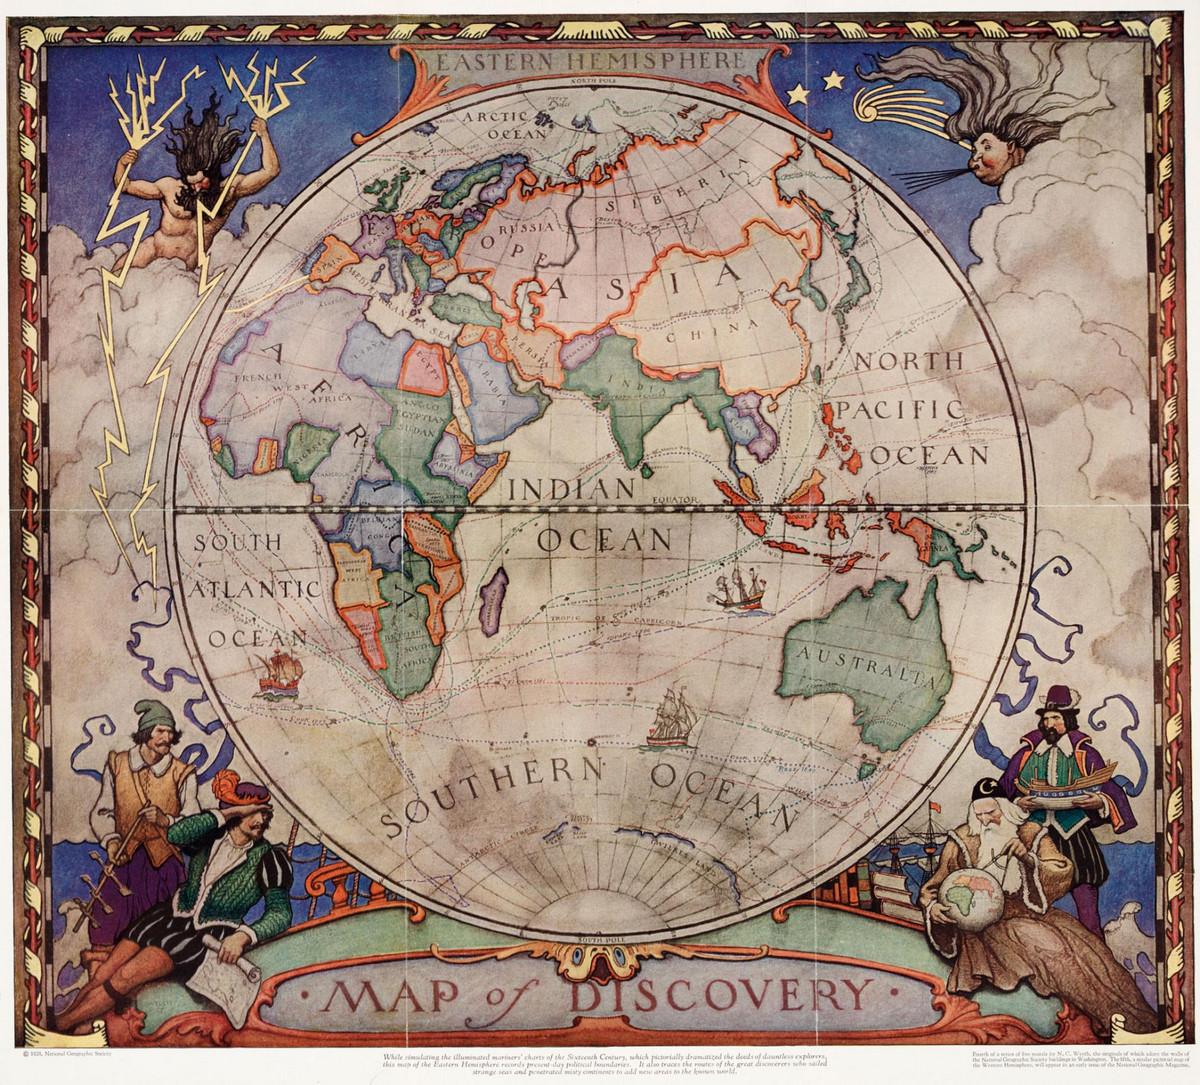 National Geographic оцифровал свою коллекцию карт за 130 лет. От карт звёзд до океанского дна  2